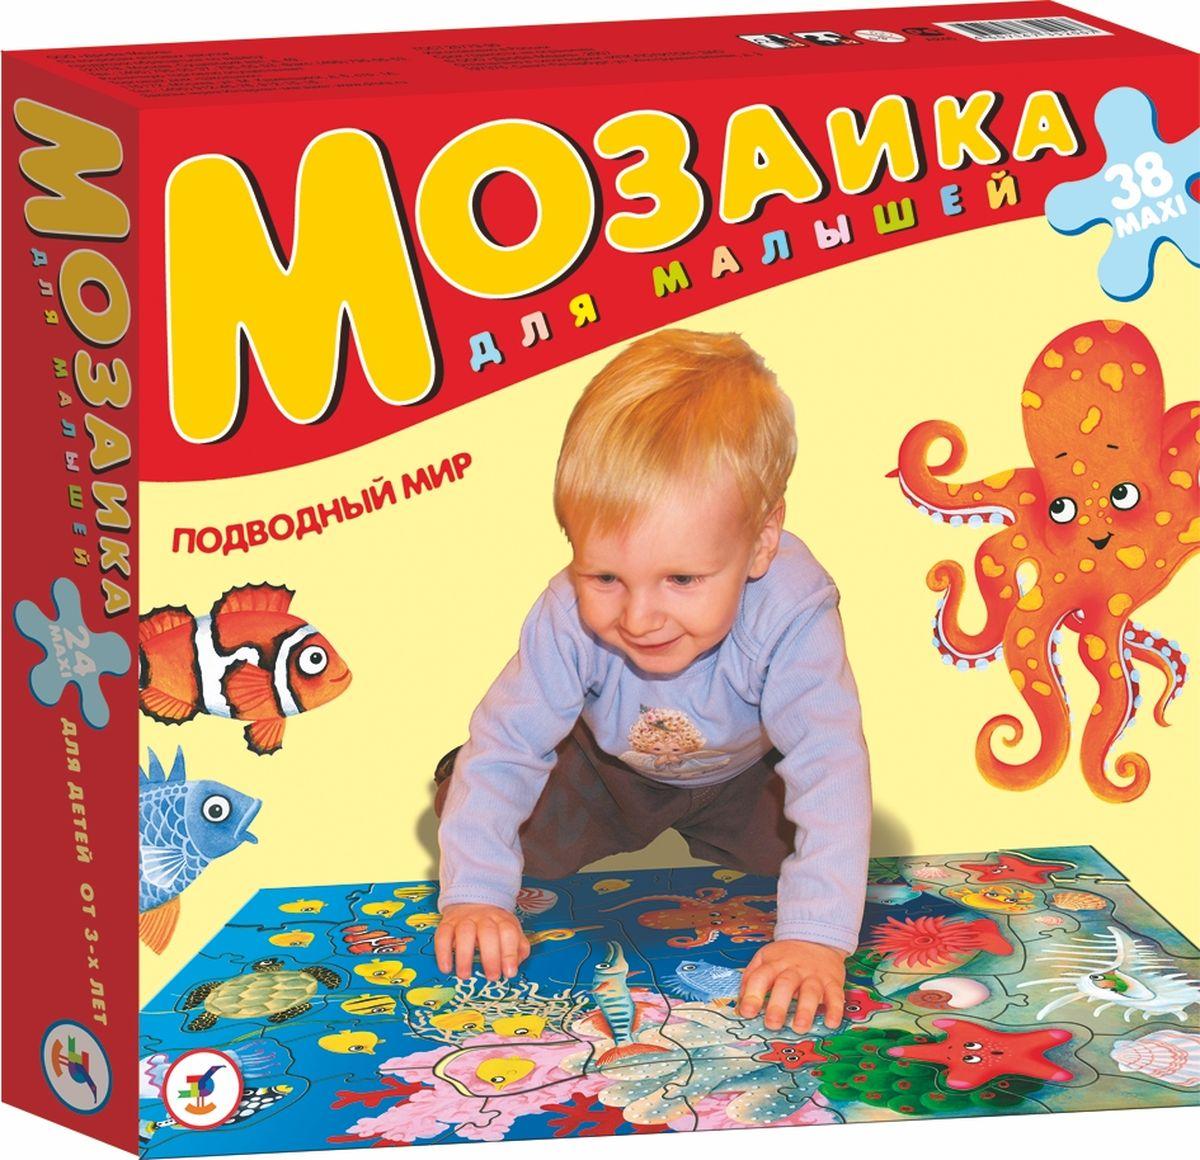 """Игра """"Подводный мир"""" прекрасно подходит для первого знакомства малыша с мозаикой, способствует формированию навыка соединения целого изображения из нескольких элементов. Крупные и яркие детали мозаики удобно собирать на полу. Ребенок научится складывать сюжетную картинку из нескольких частей и подбирать подходящие по форме недостающие фрагменты рисунка. Набор из 38 крупных пазловых элементов. Игра развивает зрительное восприятие, образное мышление и мелкую моторику рук, расширяют кругозор."""